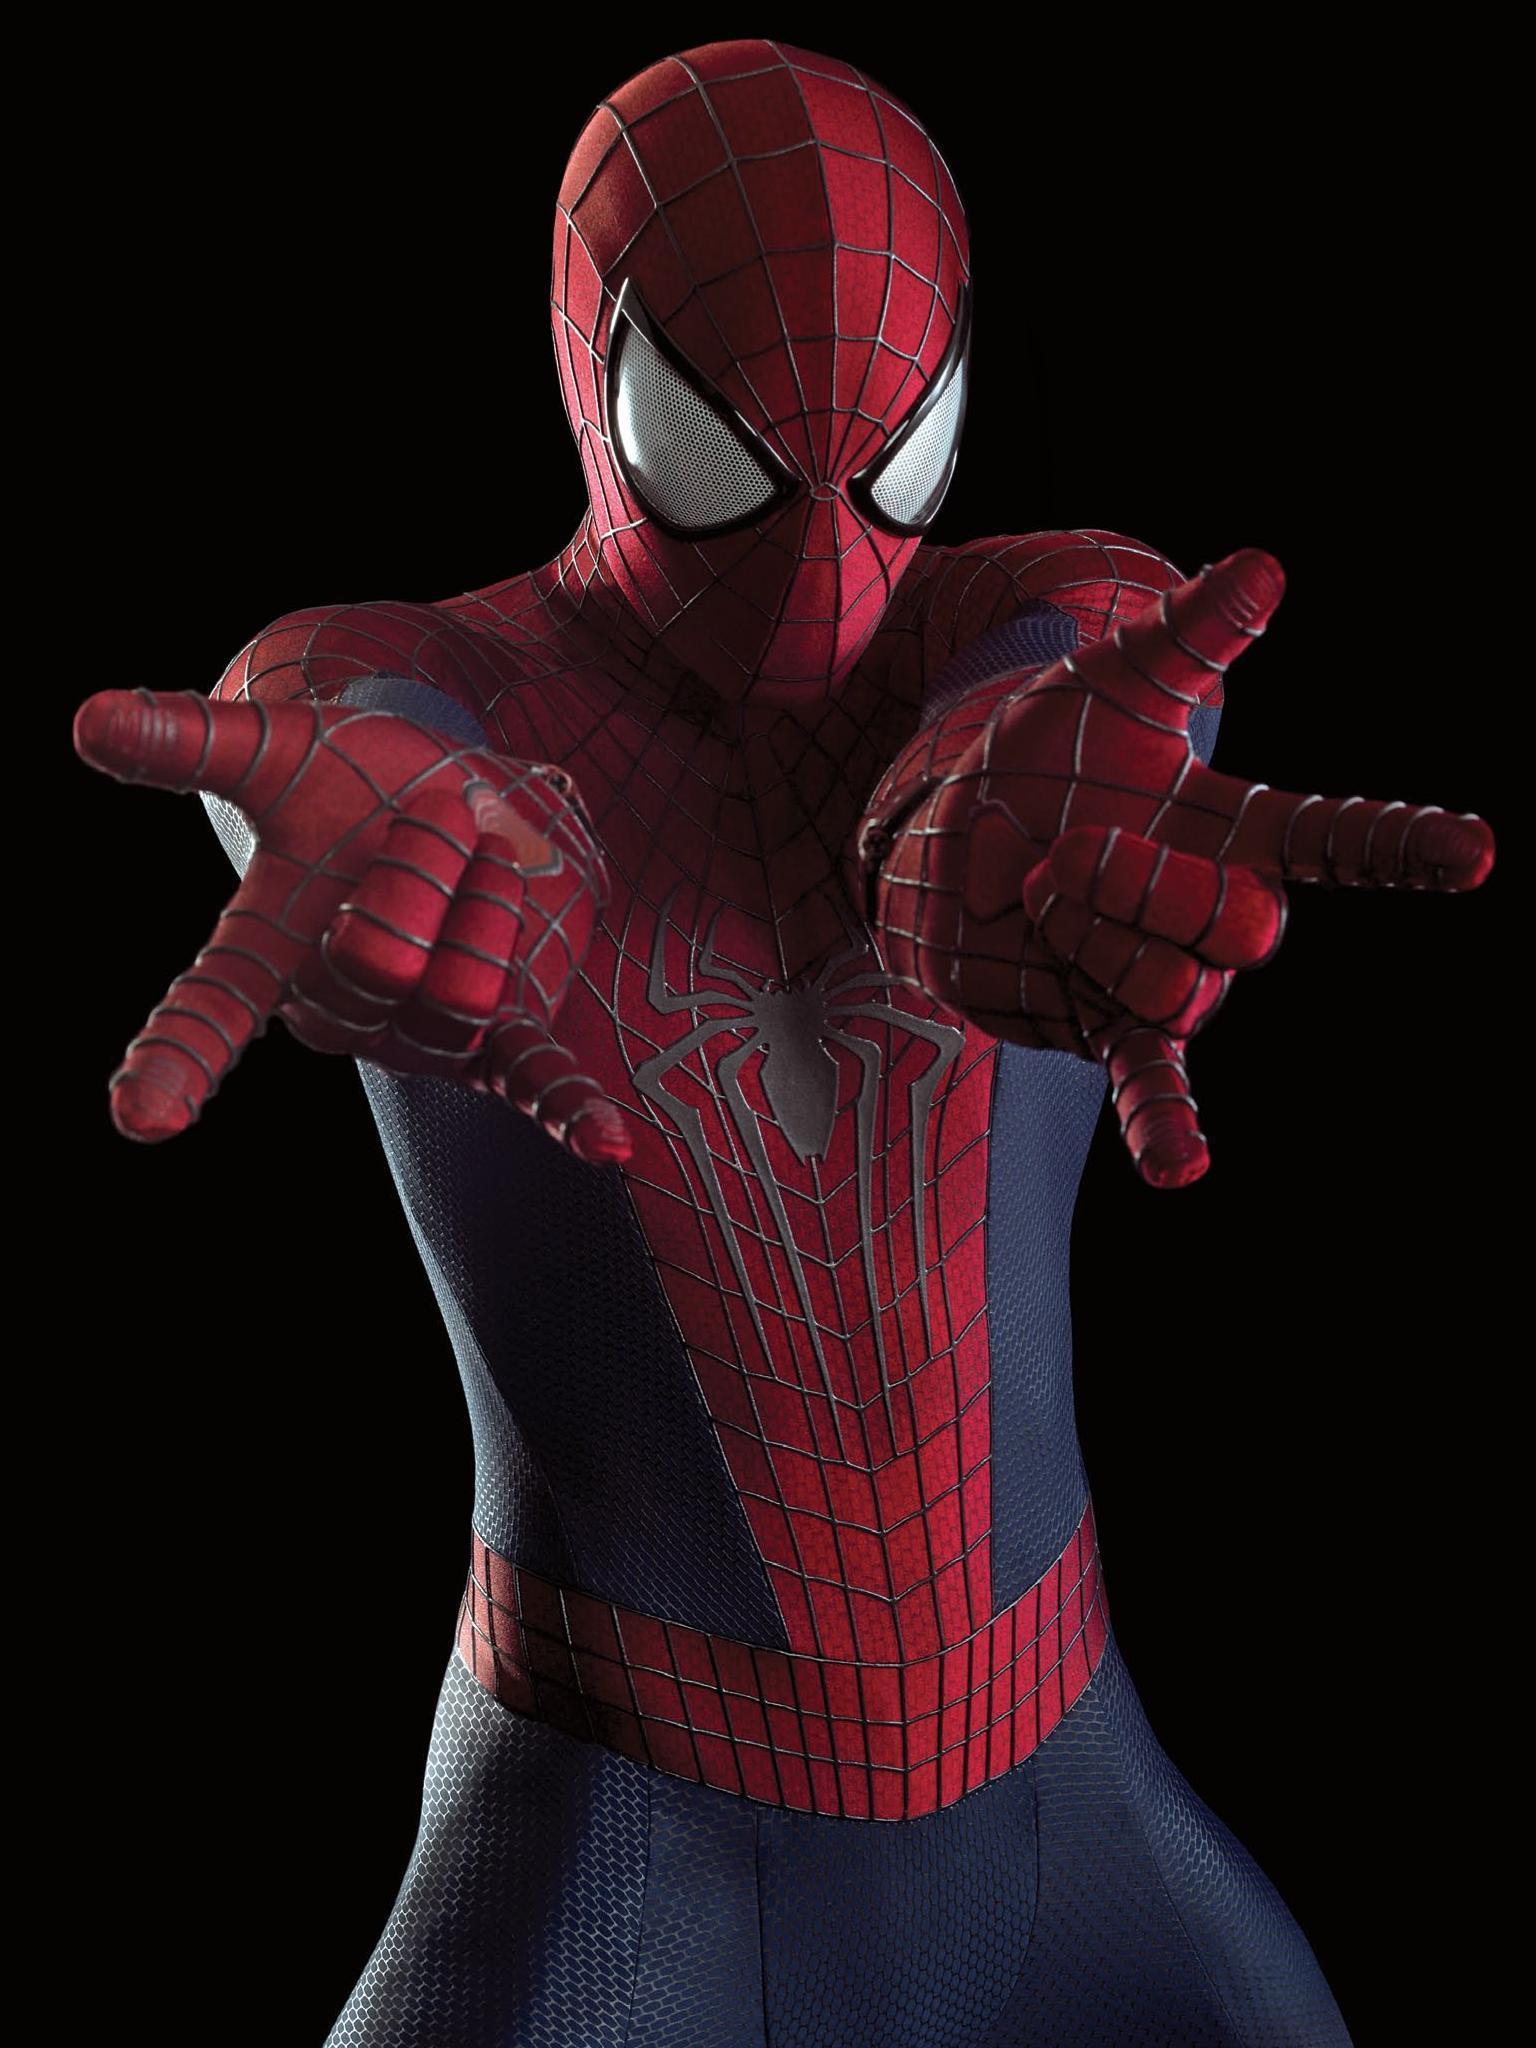 蜘蛛侠 英雄归来 曝光战服概念图,3代蜘蛛侠8款战服盘点,哪一个你